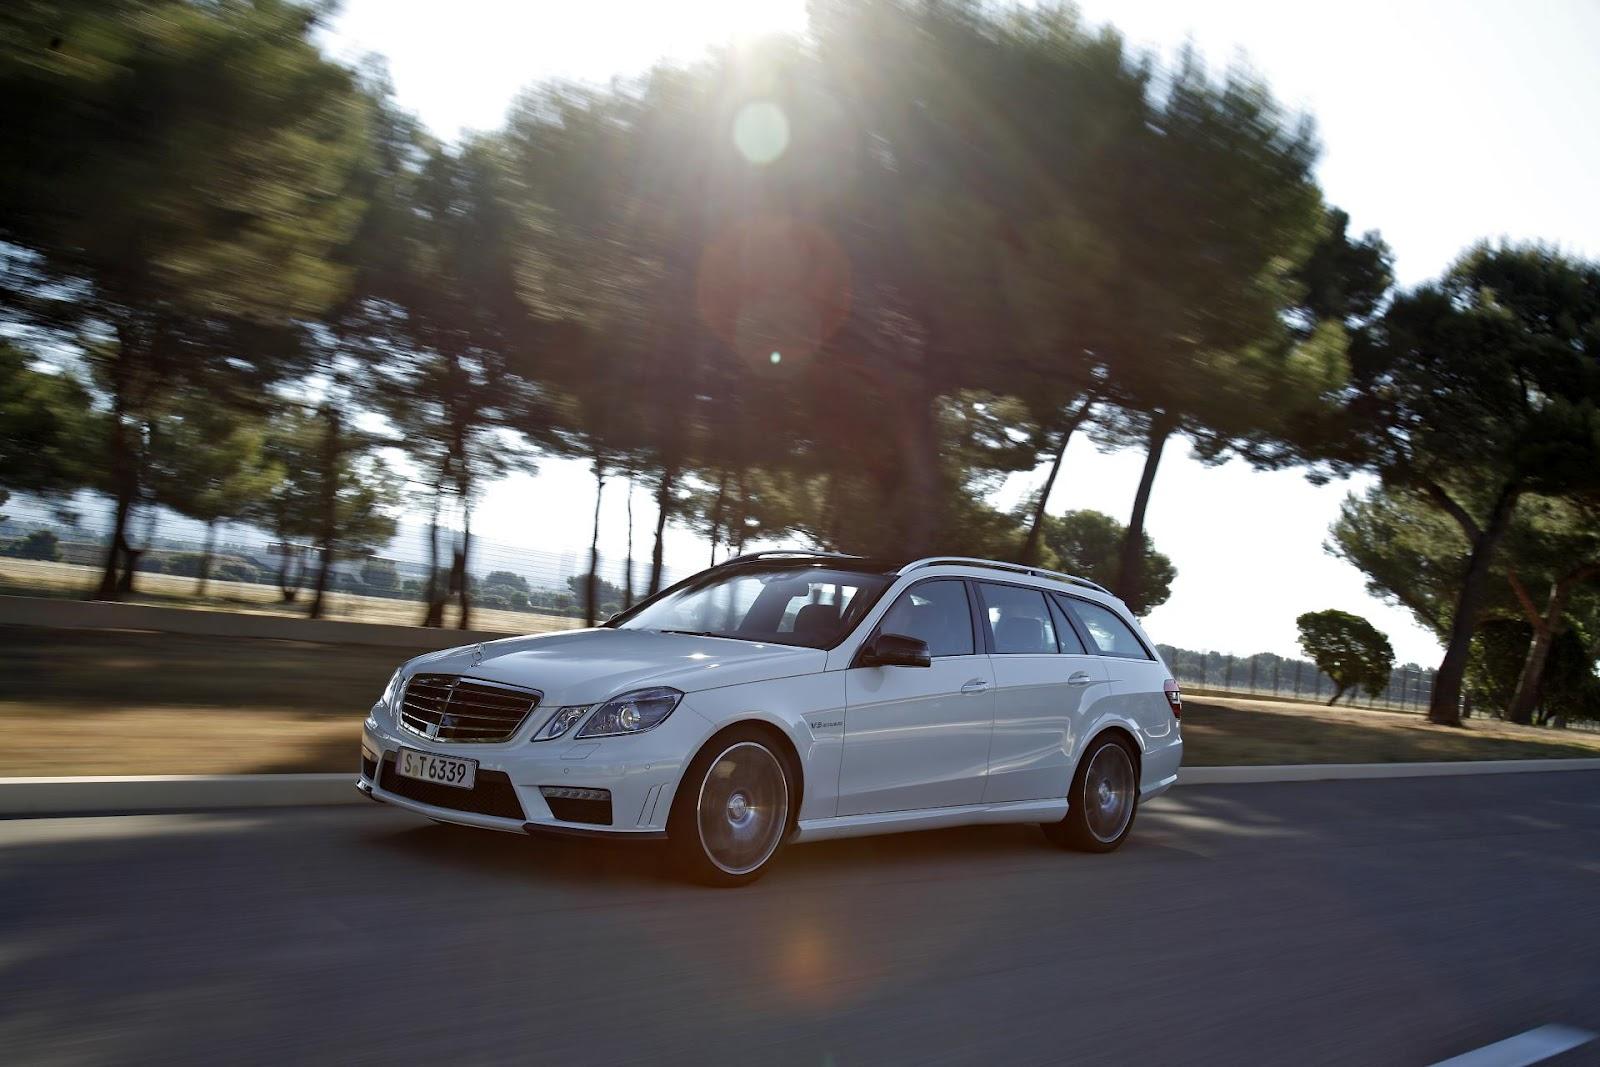 http://3.bp.blogspot.com/-ctQ7USsdMUw/T_fcdDwmLrI/AAAAAAAAEP8/oiXVa3-GSns/s1600/Mercedes-Benz+E63+AMG+Wagon+Hd+Wallpapers+2012_8.jpg